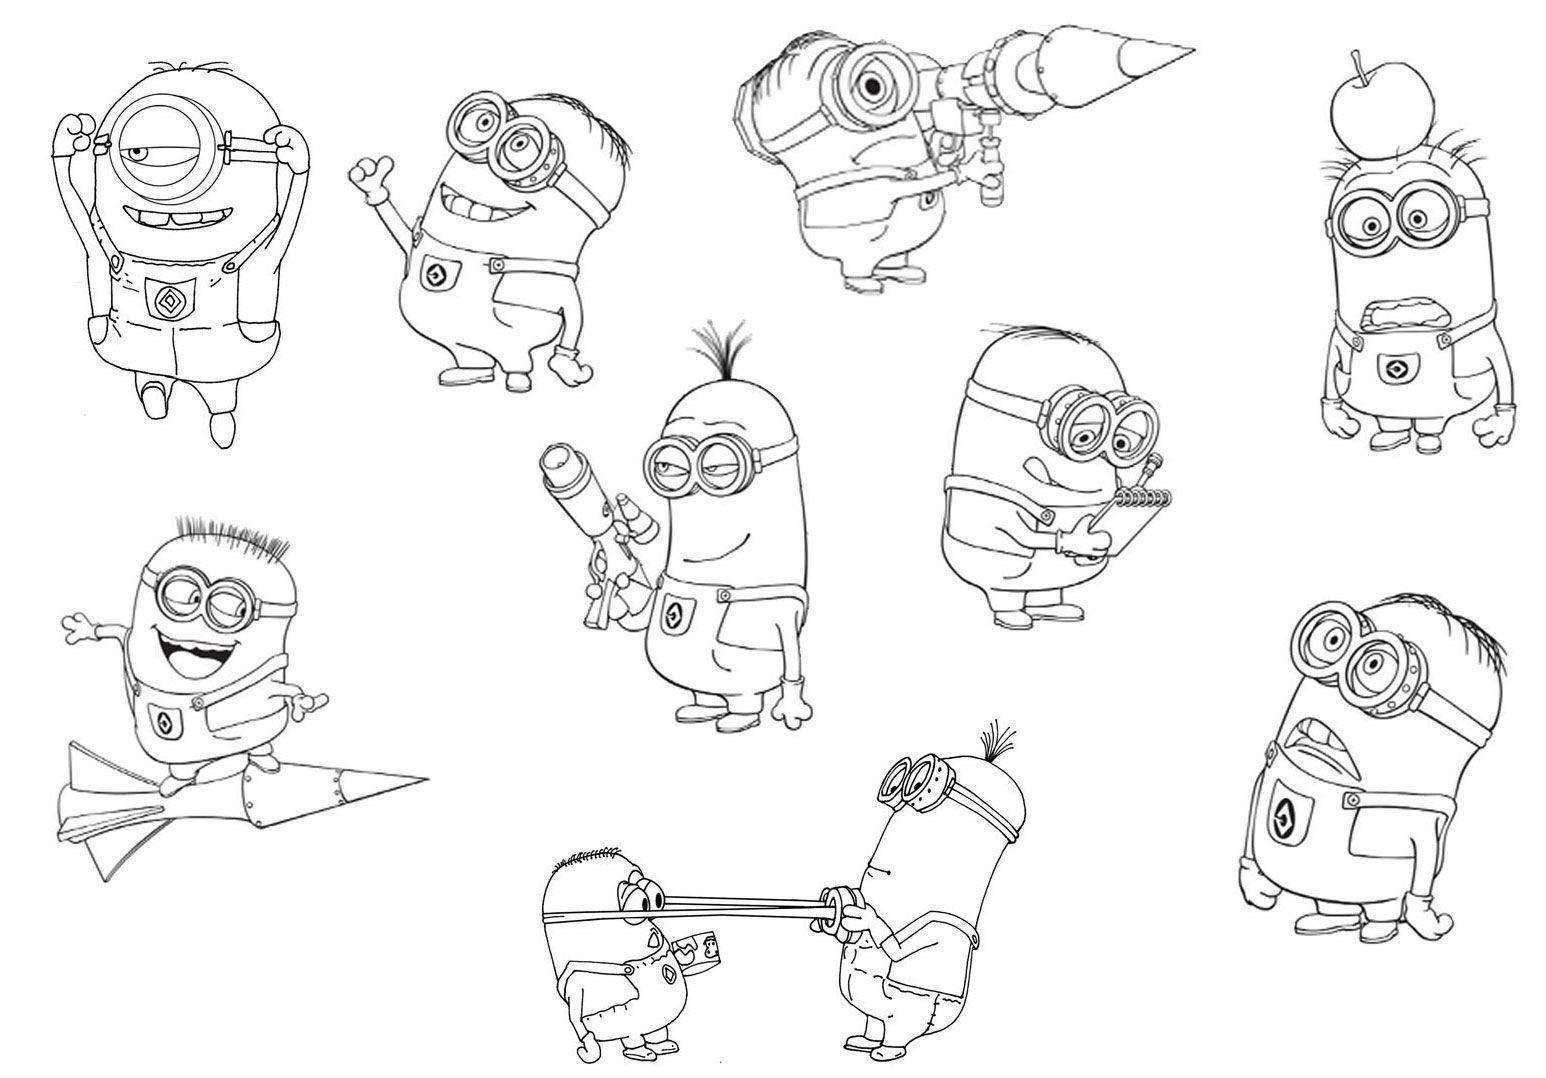 Kevin Crossley Character Design Pdf : Jogo meu malvado favorito e os minions desenhos para